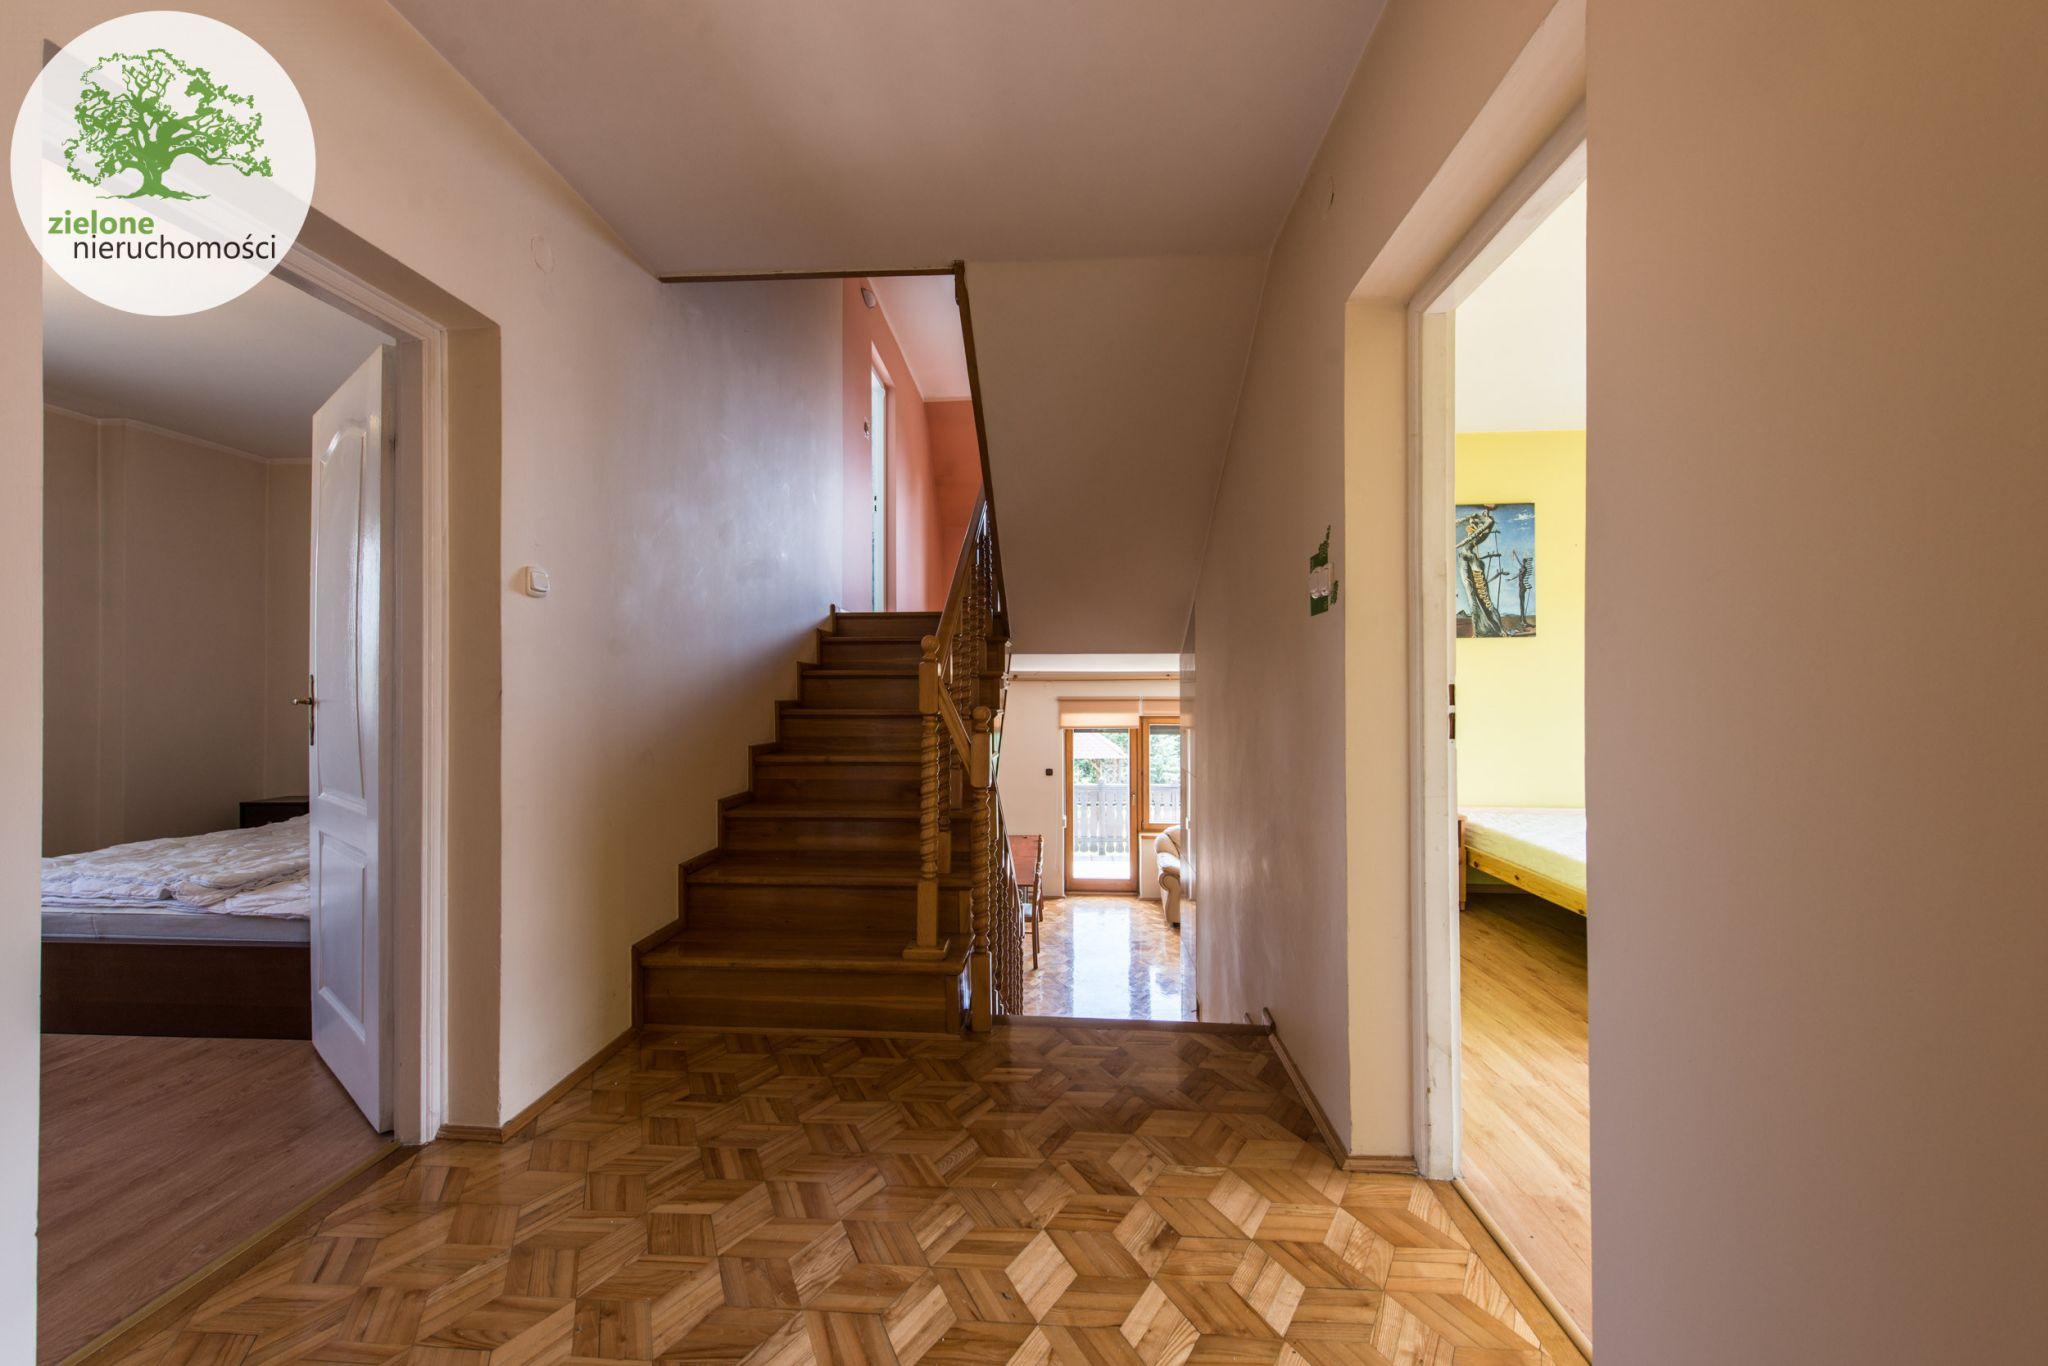 Zdjęcie 1412 pokoi, dom dla dużej rodziny lub na firmę